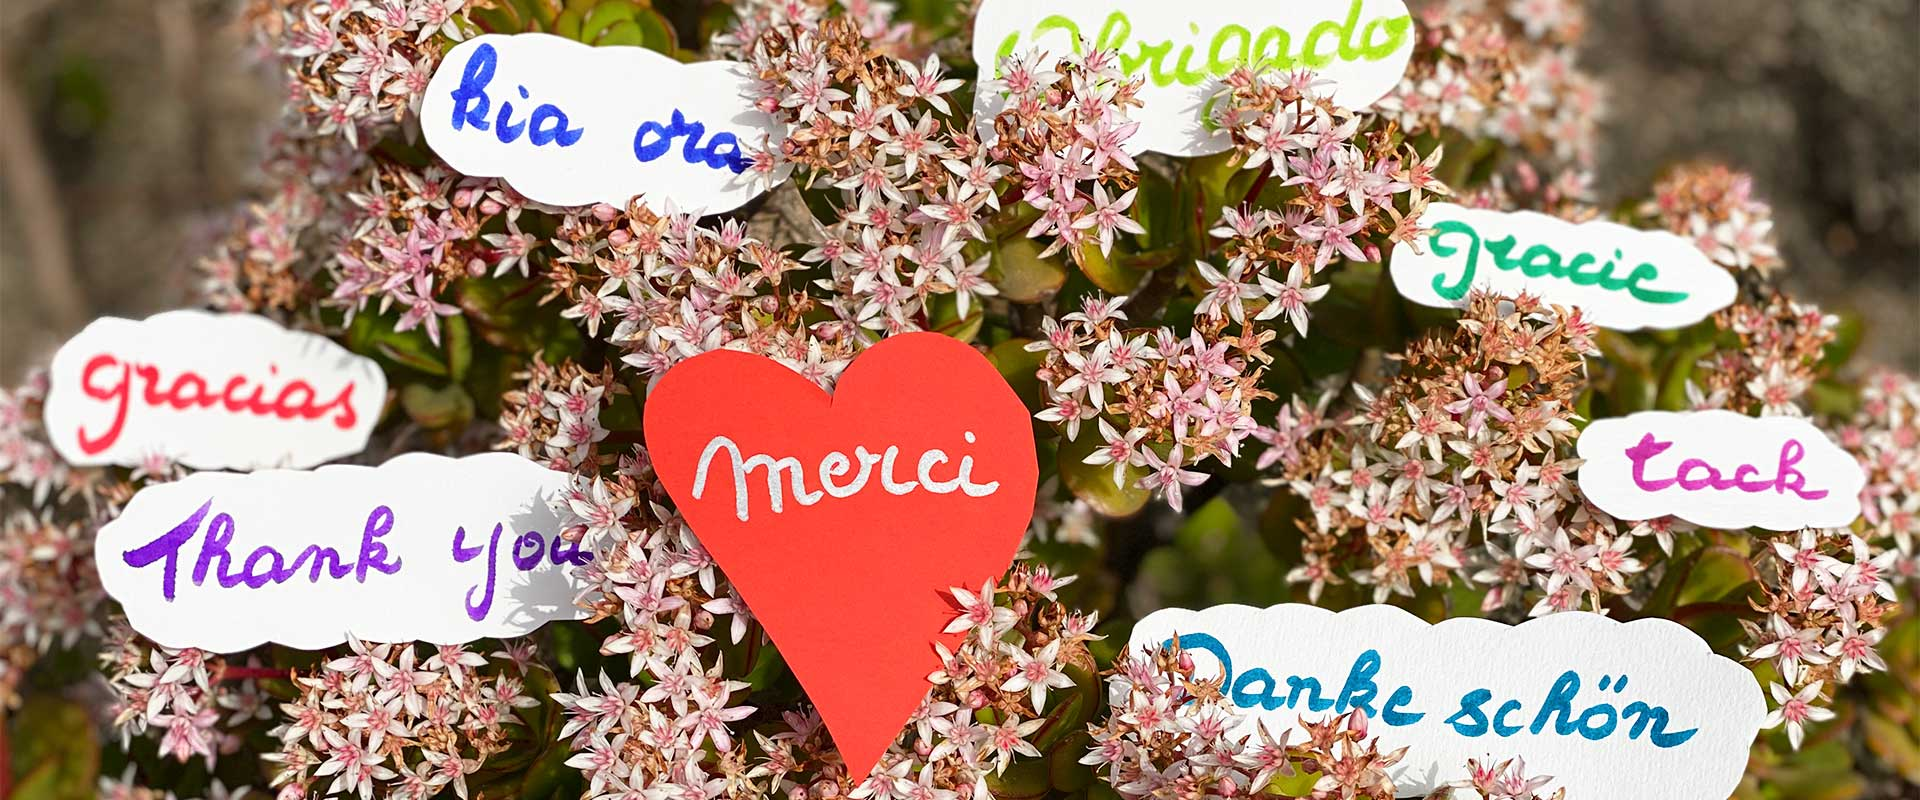 Mosaique Merci - le mot magique parfois difficile à dire